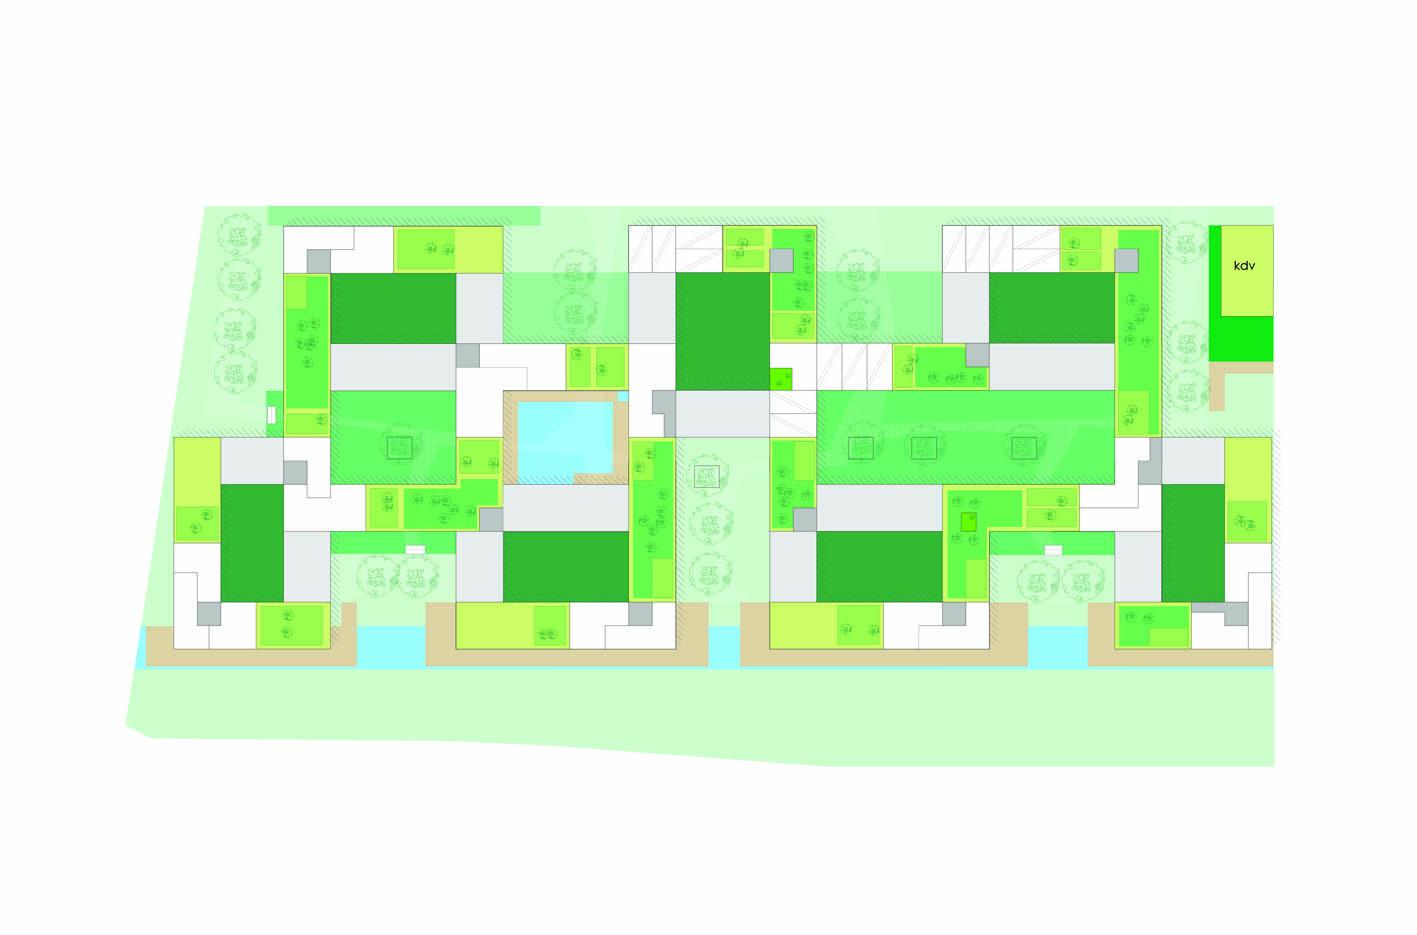 Lelylaan atelier PUUUR cultureel geinspireerd wonen woningbouw stedenbouwkundig plan 6 BNA Jonge Architecten Prijsvraag